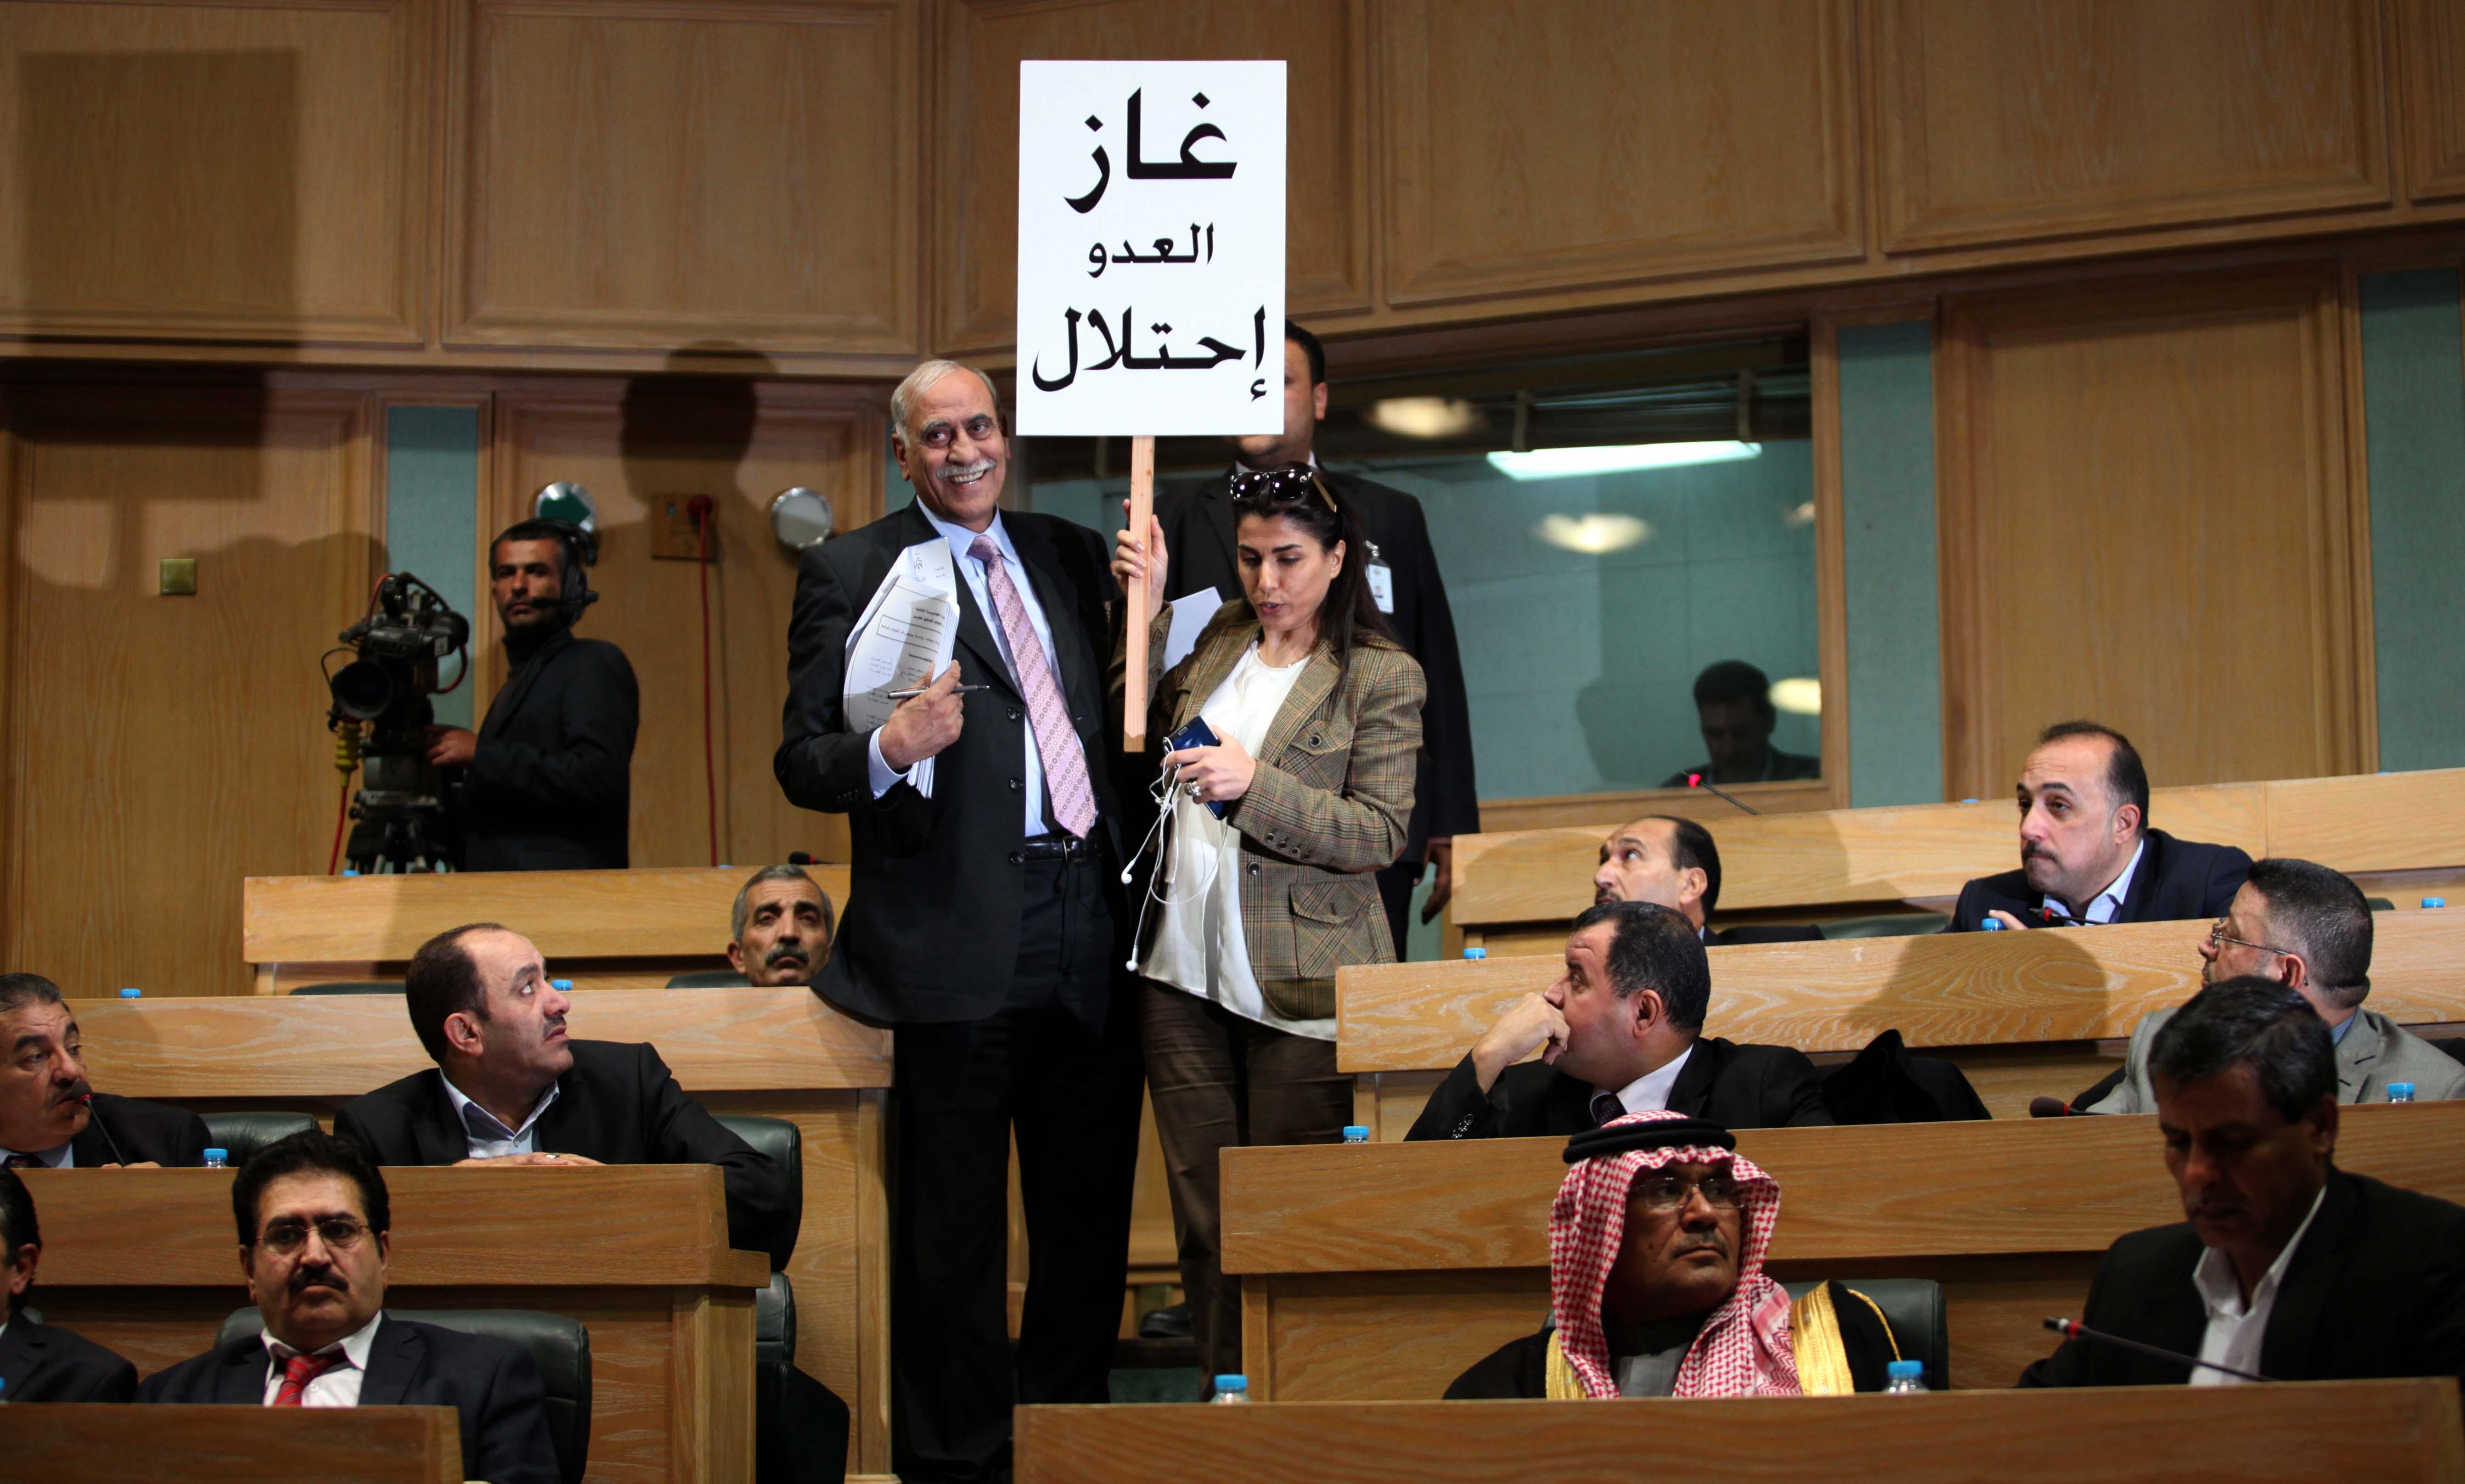 النواب يخصص جلسة خاصة لمناقشة اتفاقية استيراد الغاز الاسرائيلي